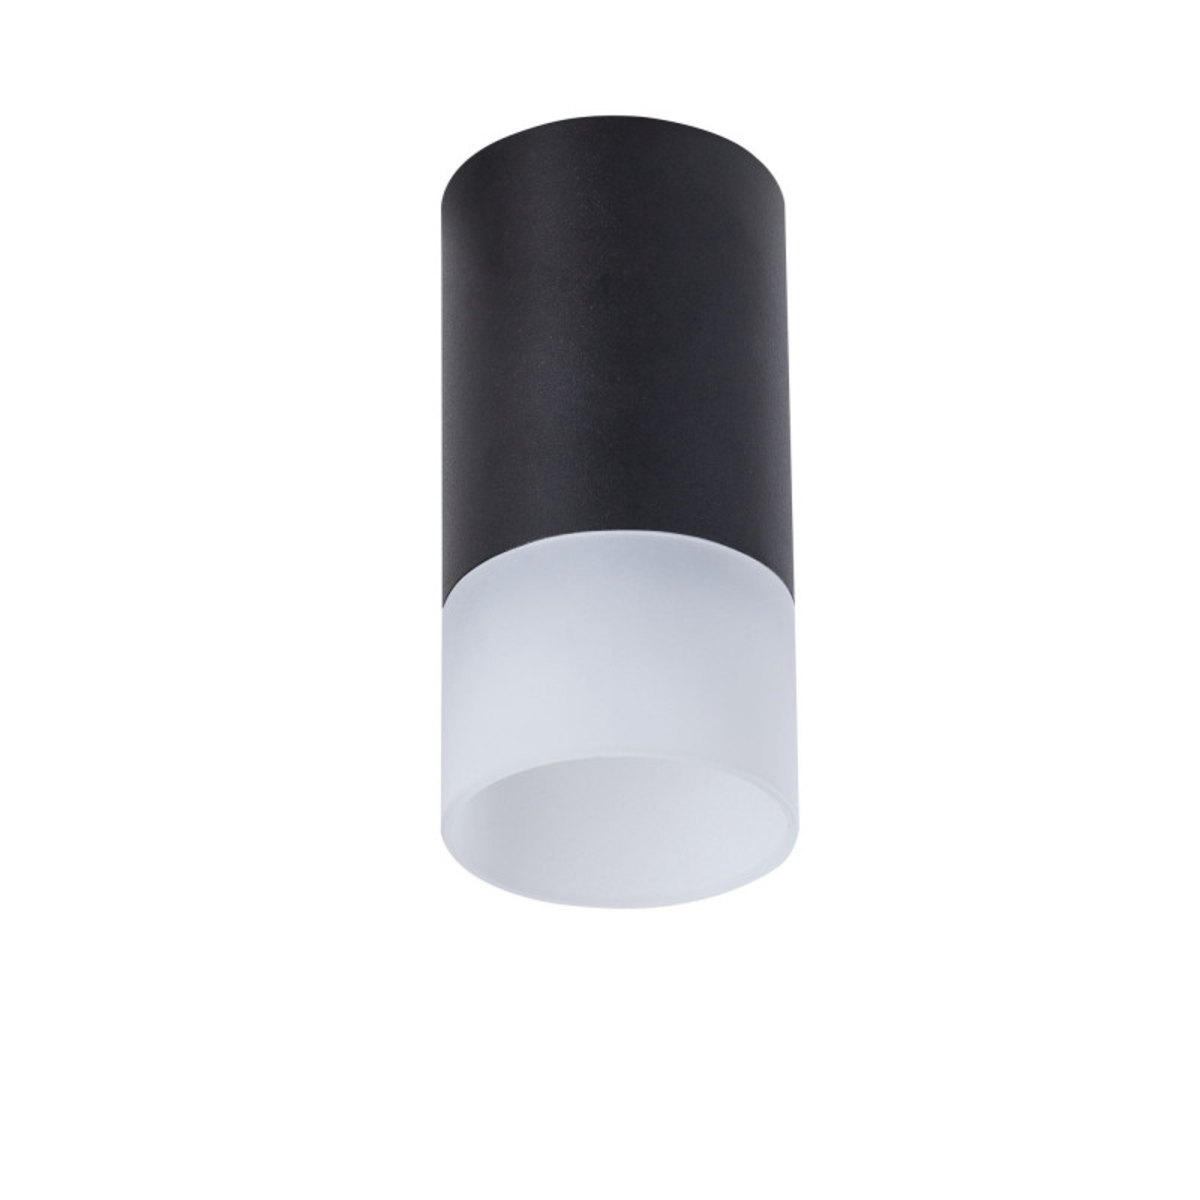 Купить Накладной светильник Ceiling & Wall+C007CW Накладной светильник Maytoni C007CW-01B (14617), HomeMe